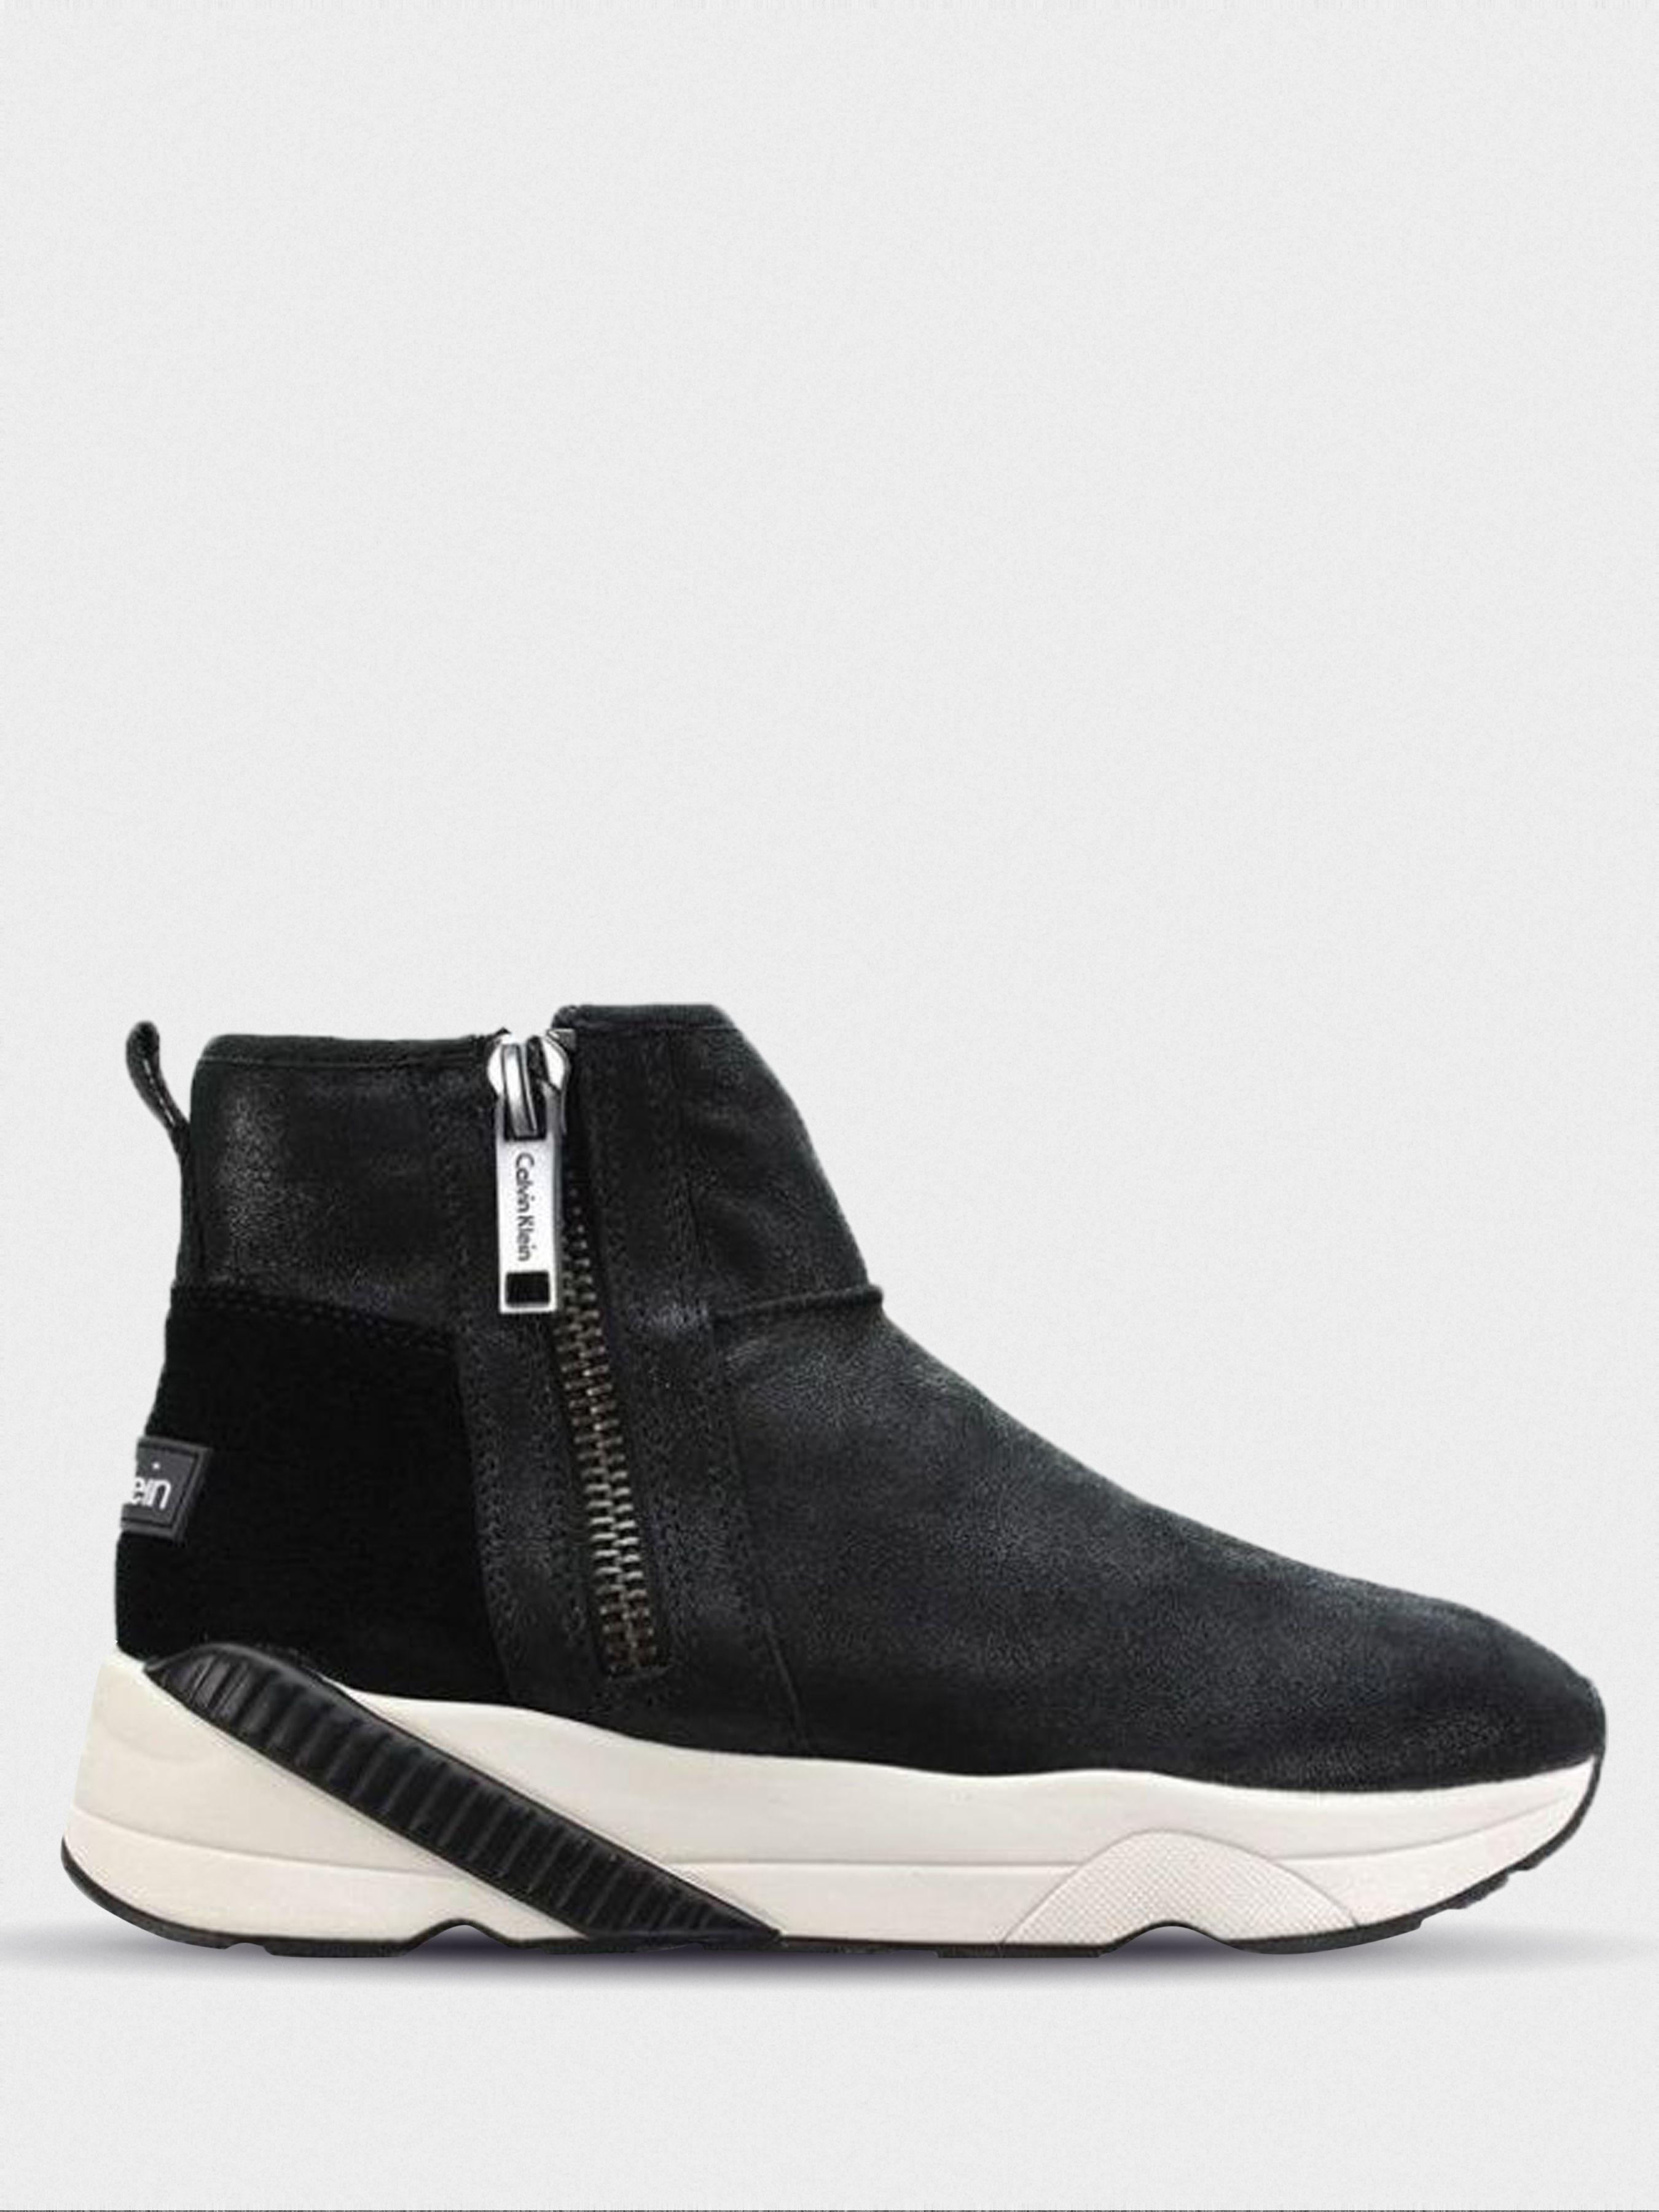 b8e39ddf9f23 Ботинки женские Calvin Klein Jeans модель 3Y33 - купить по лучшей ...